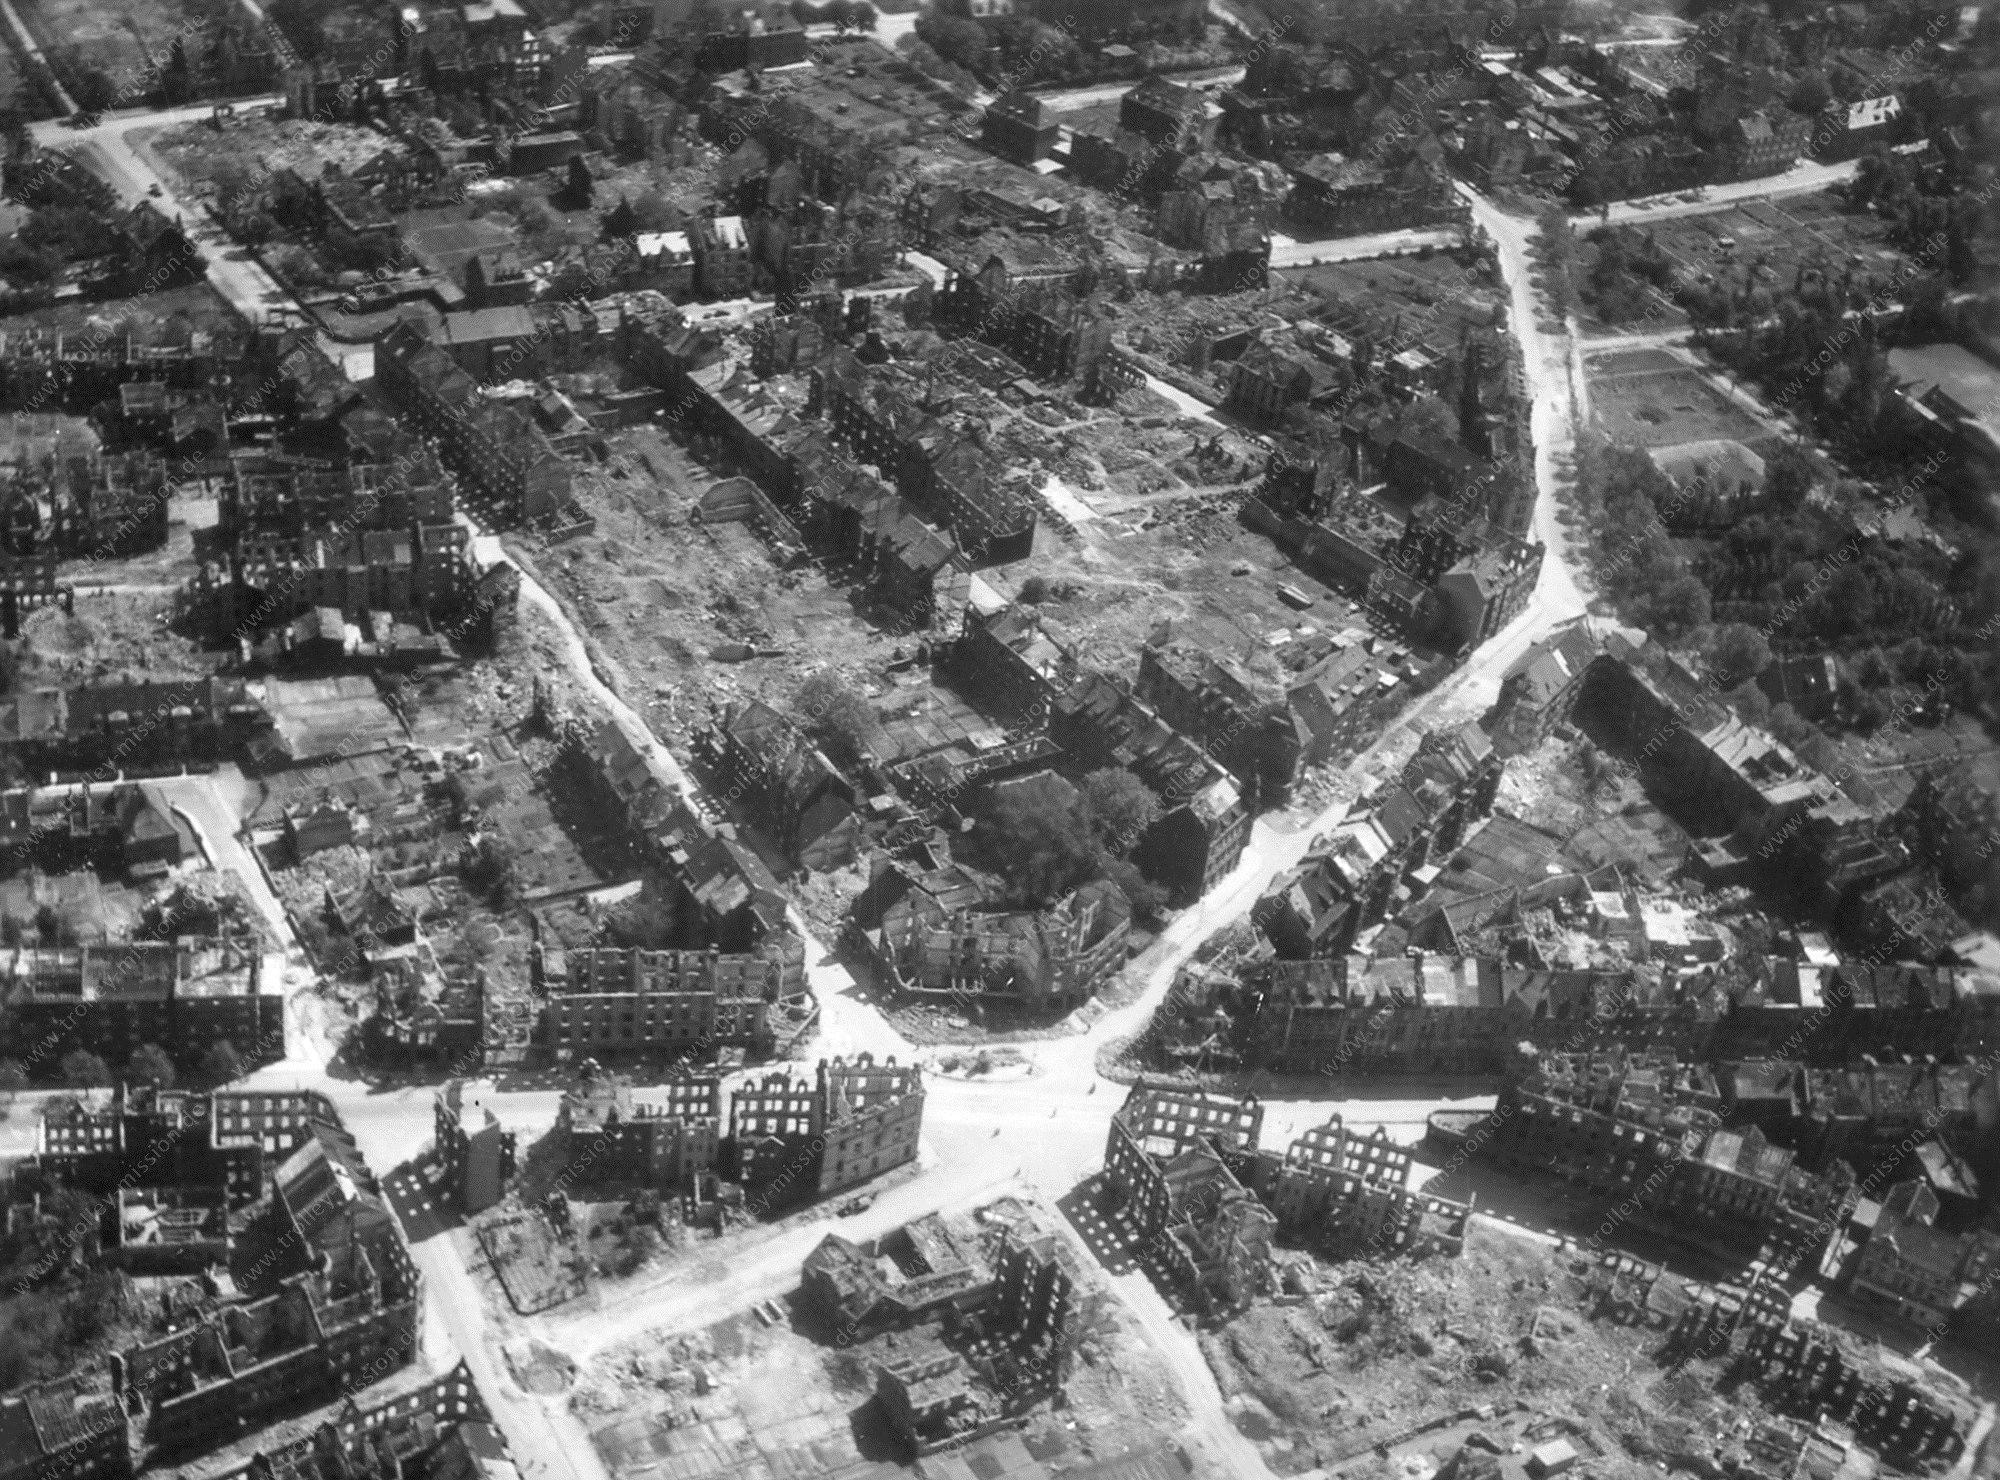 Luftbild der Florastraße und Bismarckstraße in Gelsenkirchen nach den Luftangriffen im Mai 1945